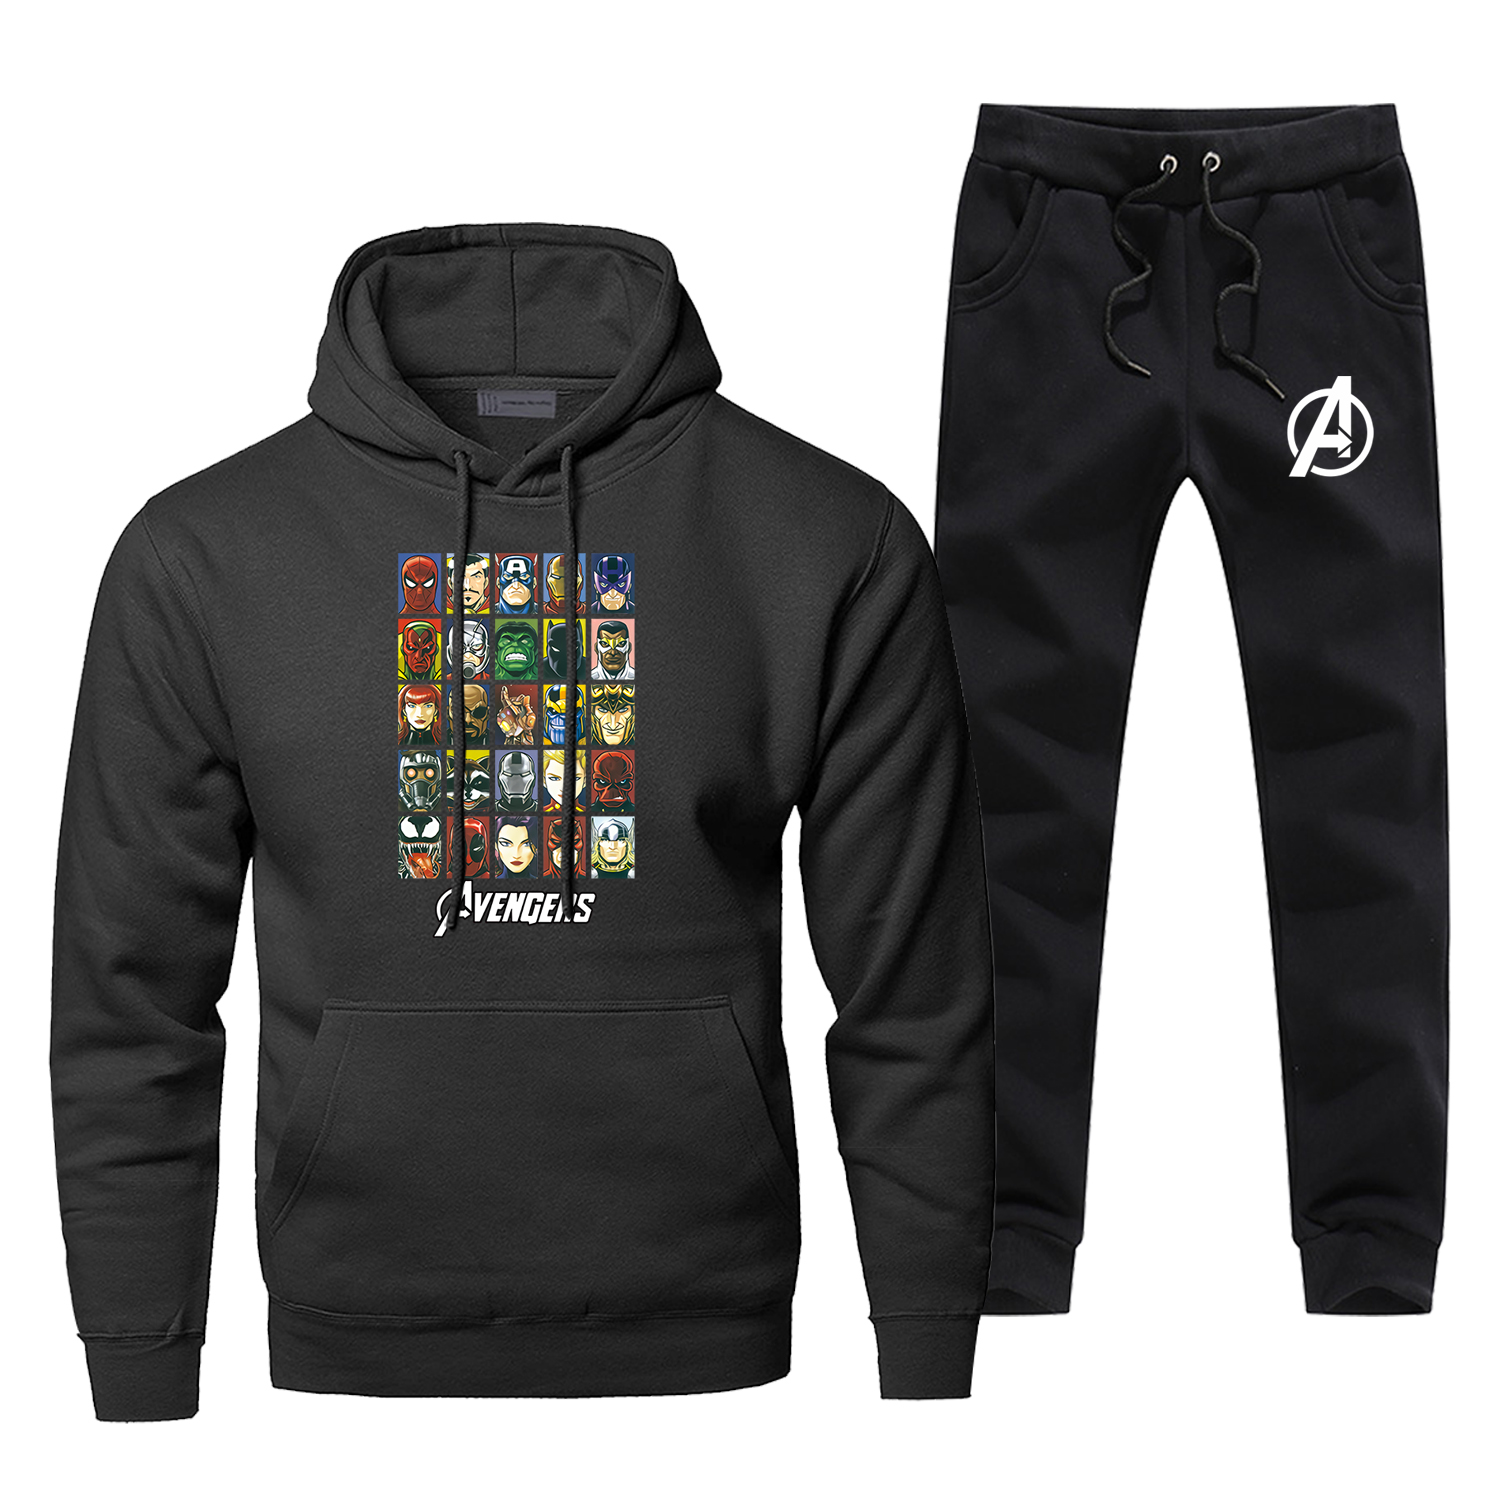 The Avengers Hoodies Pants Sets Men Suit Tracksuit 2 Piece Tops Pant Sweatshirt Sweatpants Sportswear Spring Autumn Sports Set